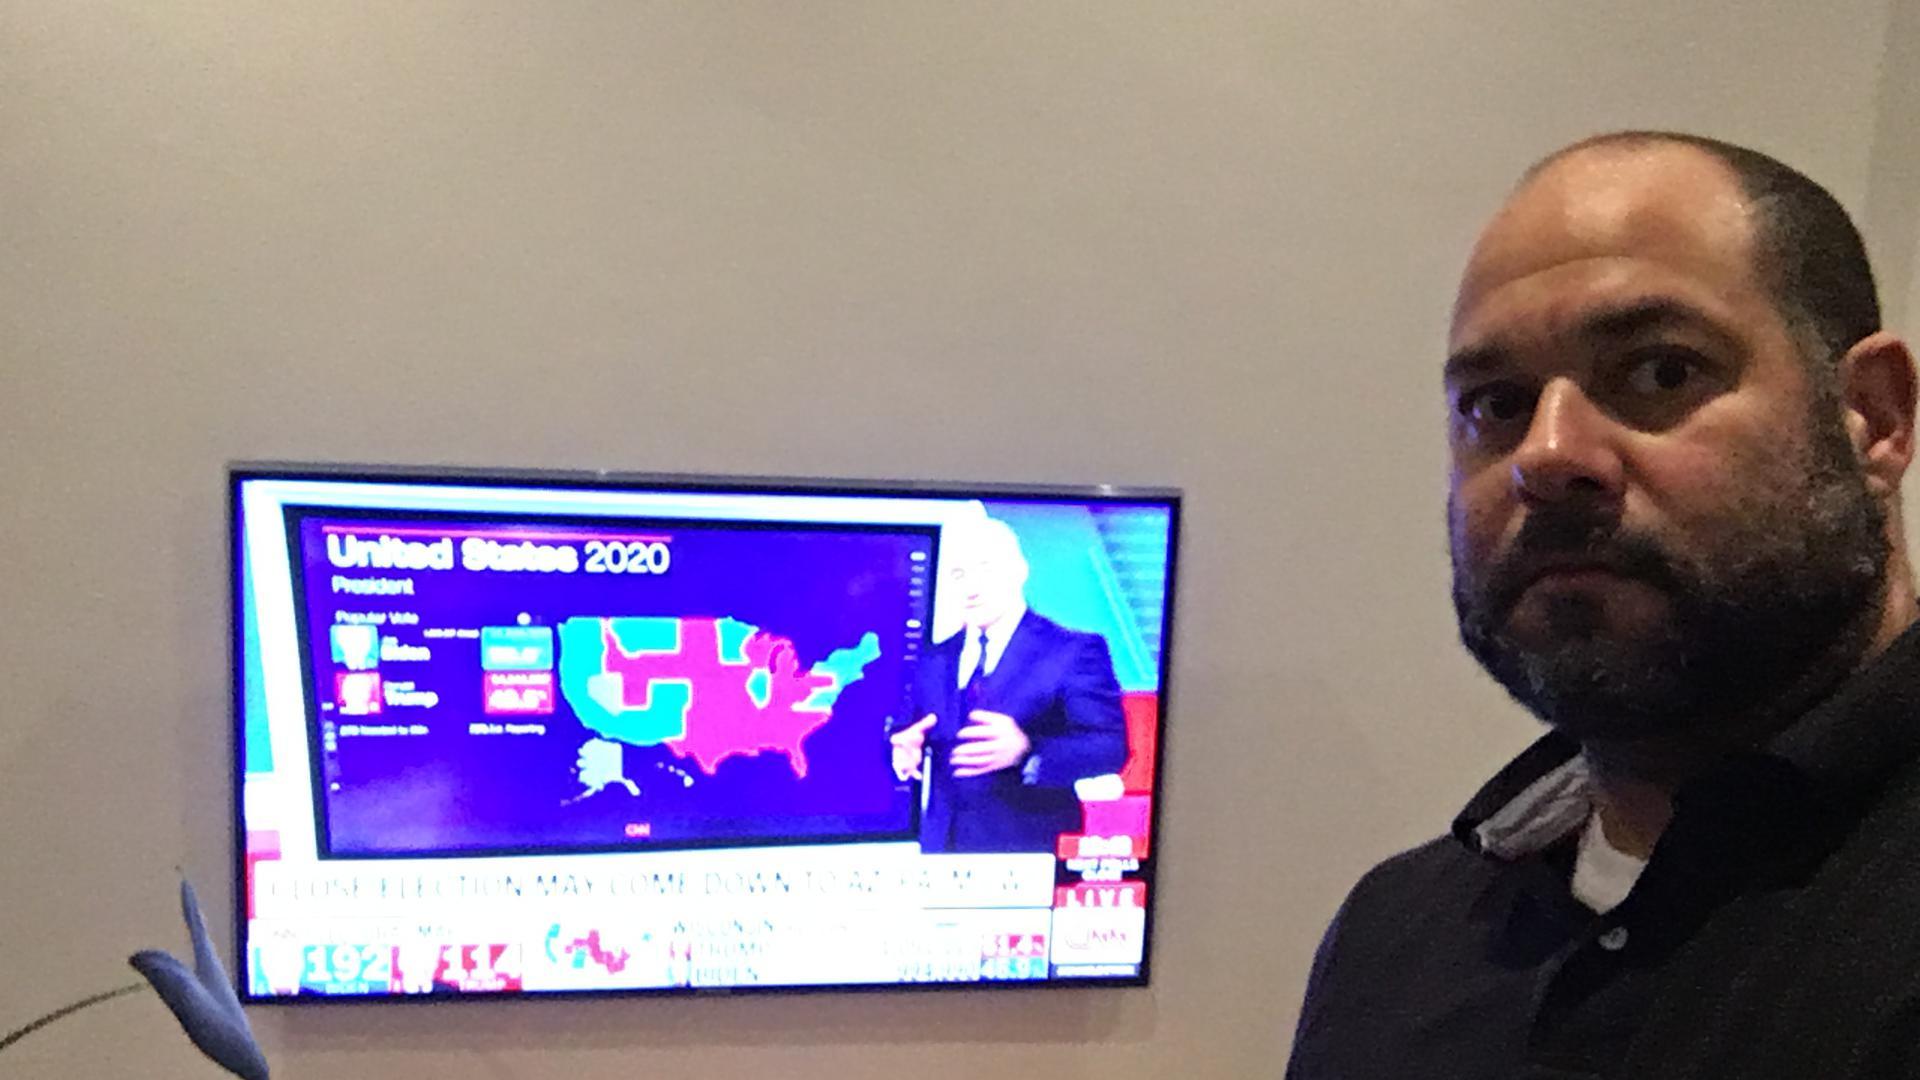 Allein im Wohnzimmer: Cilfton Johnson aus Maryland verfolgt die Wahl in seiner Heimat schon die halbe Nacht lang von Jöhlingen aus.